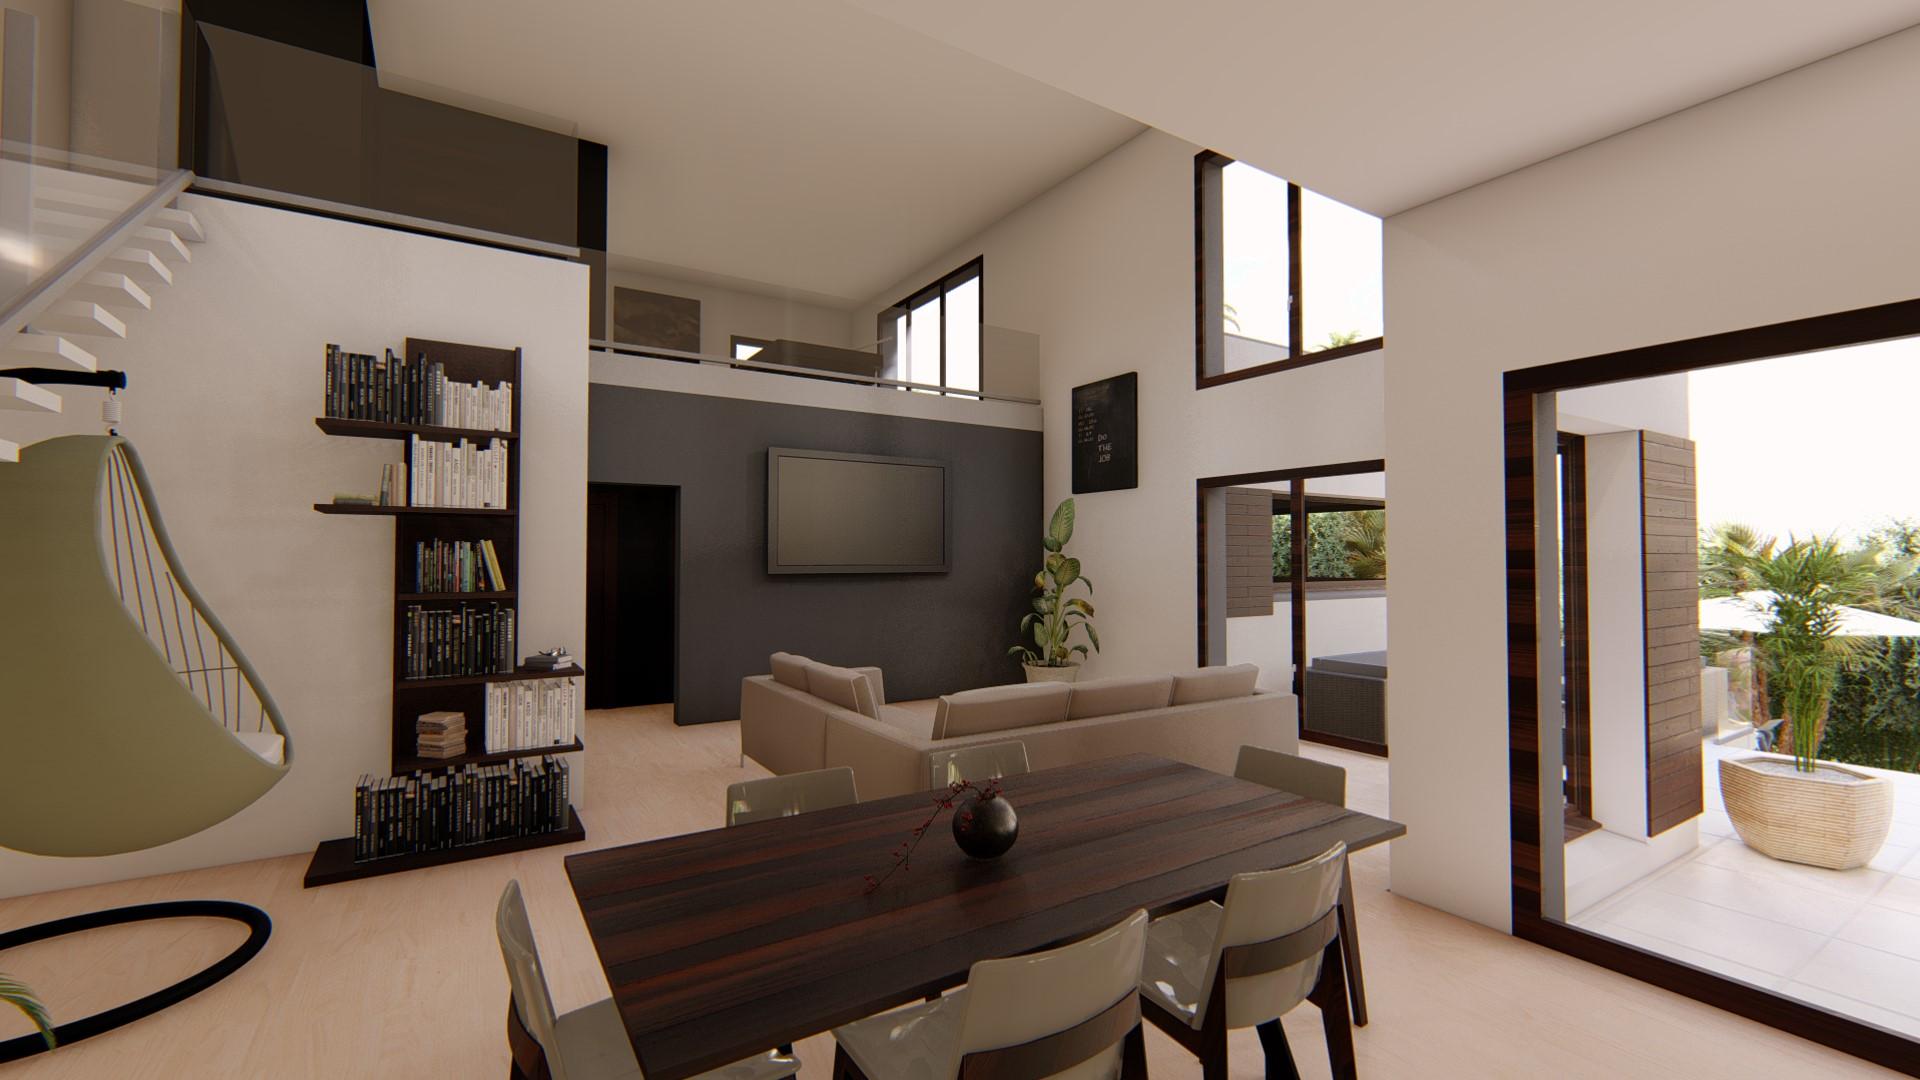 Maisons + Terrains du constructeur VILLAS SUD CREATION • 180 m² • TOURNEFEUILLE